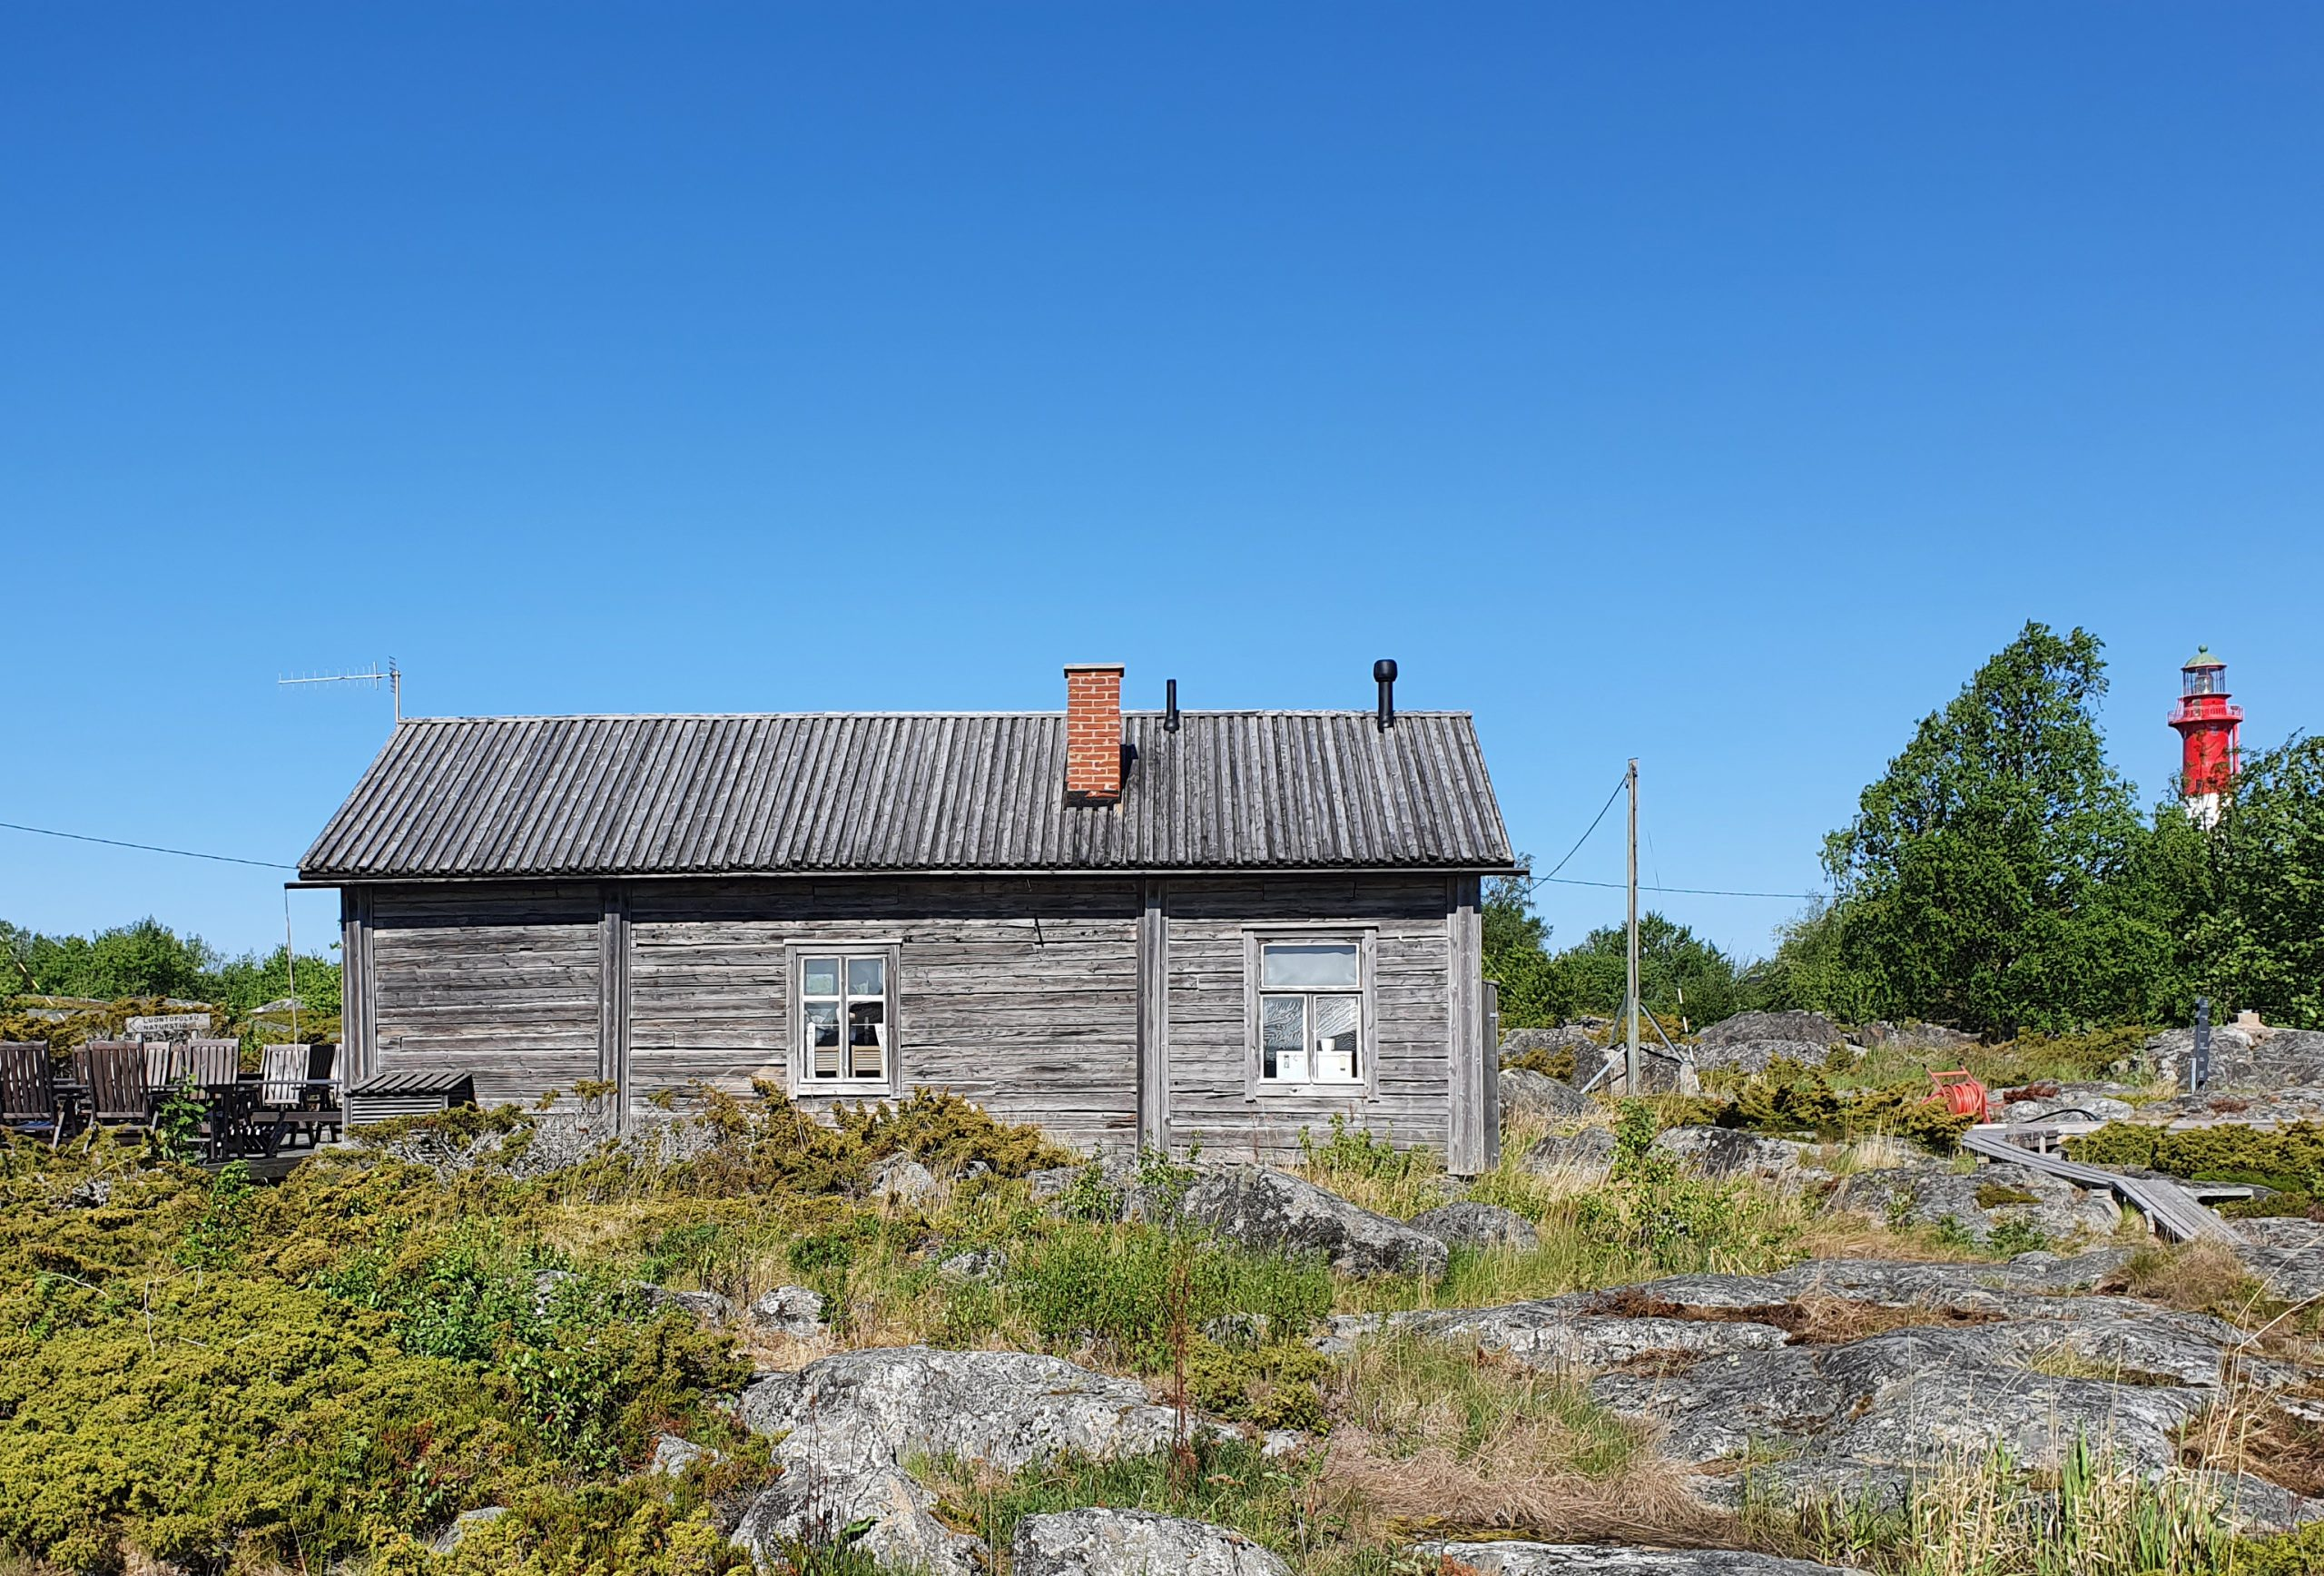 Tankarin majakkasaarella toimiva Café Tankarin rakennus, joka on kauniisti patinoitunut saaren vehreään mutta kalliomaiseen ympäristöön.